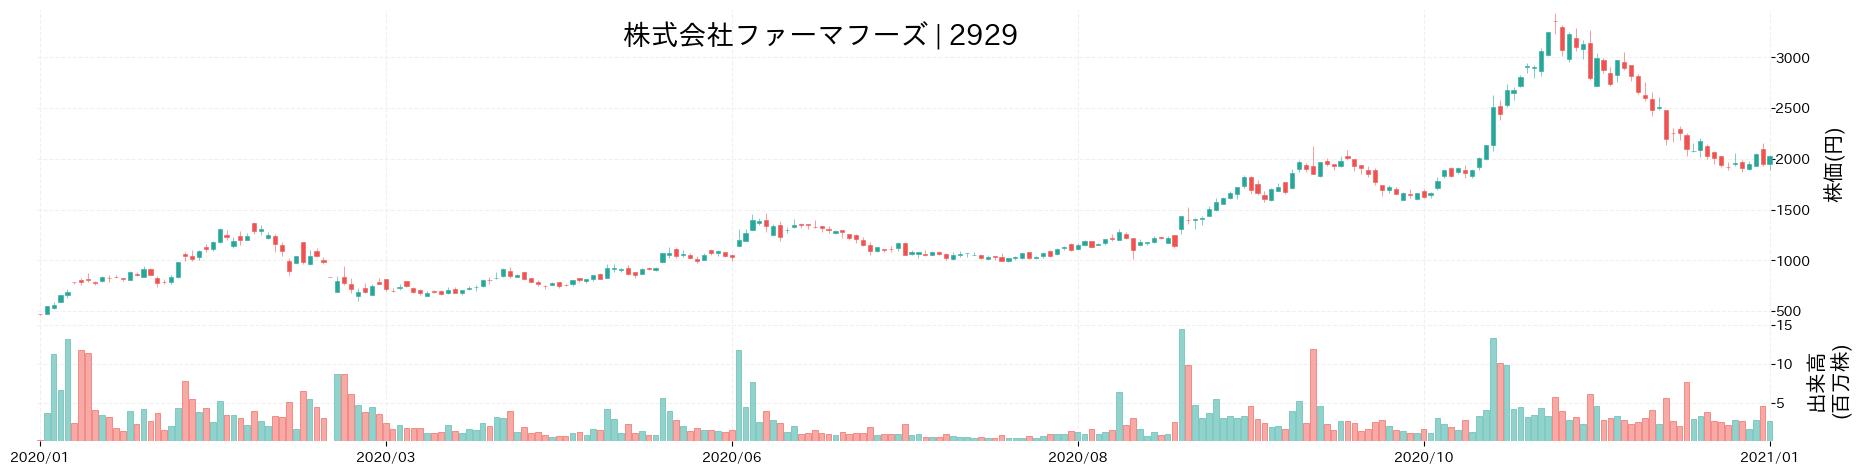 株式会社ファーマフーズの株価推移(2020)